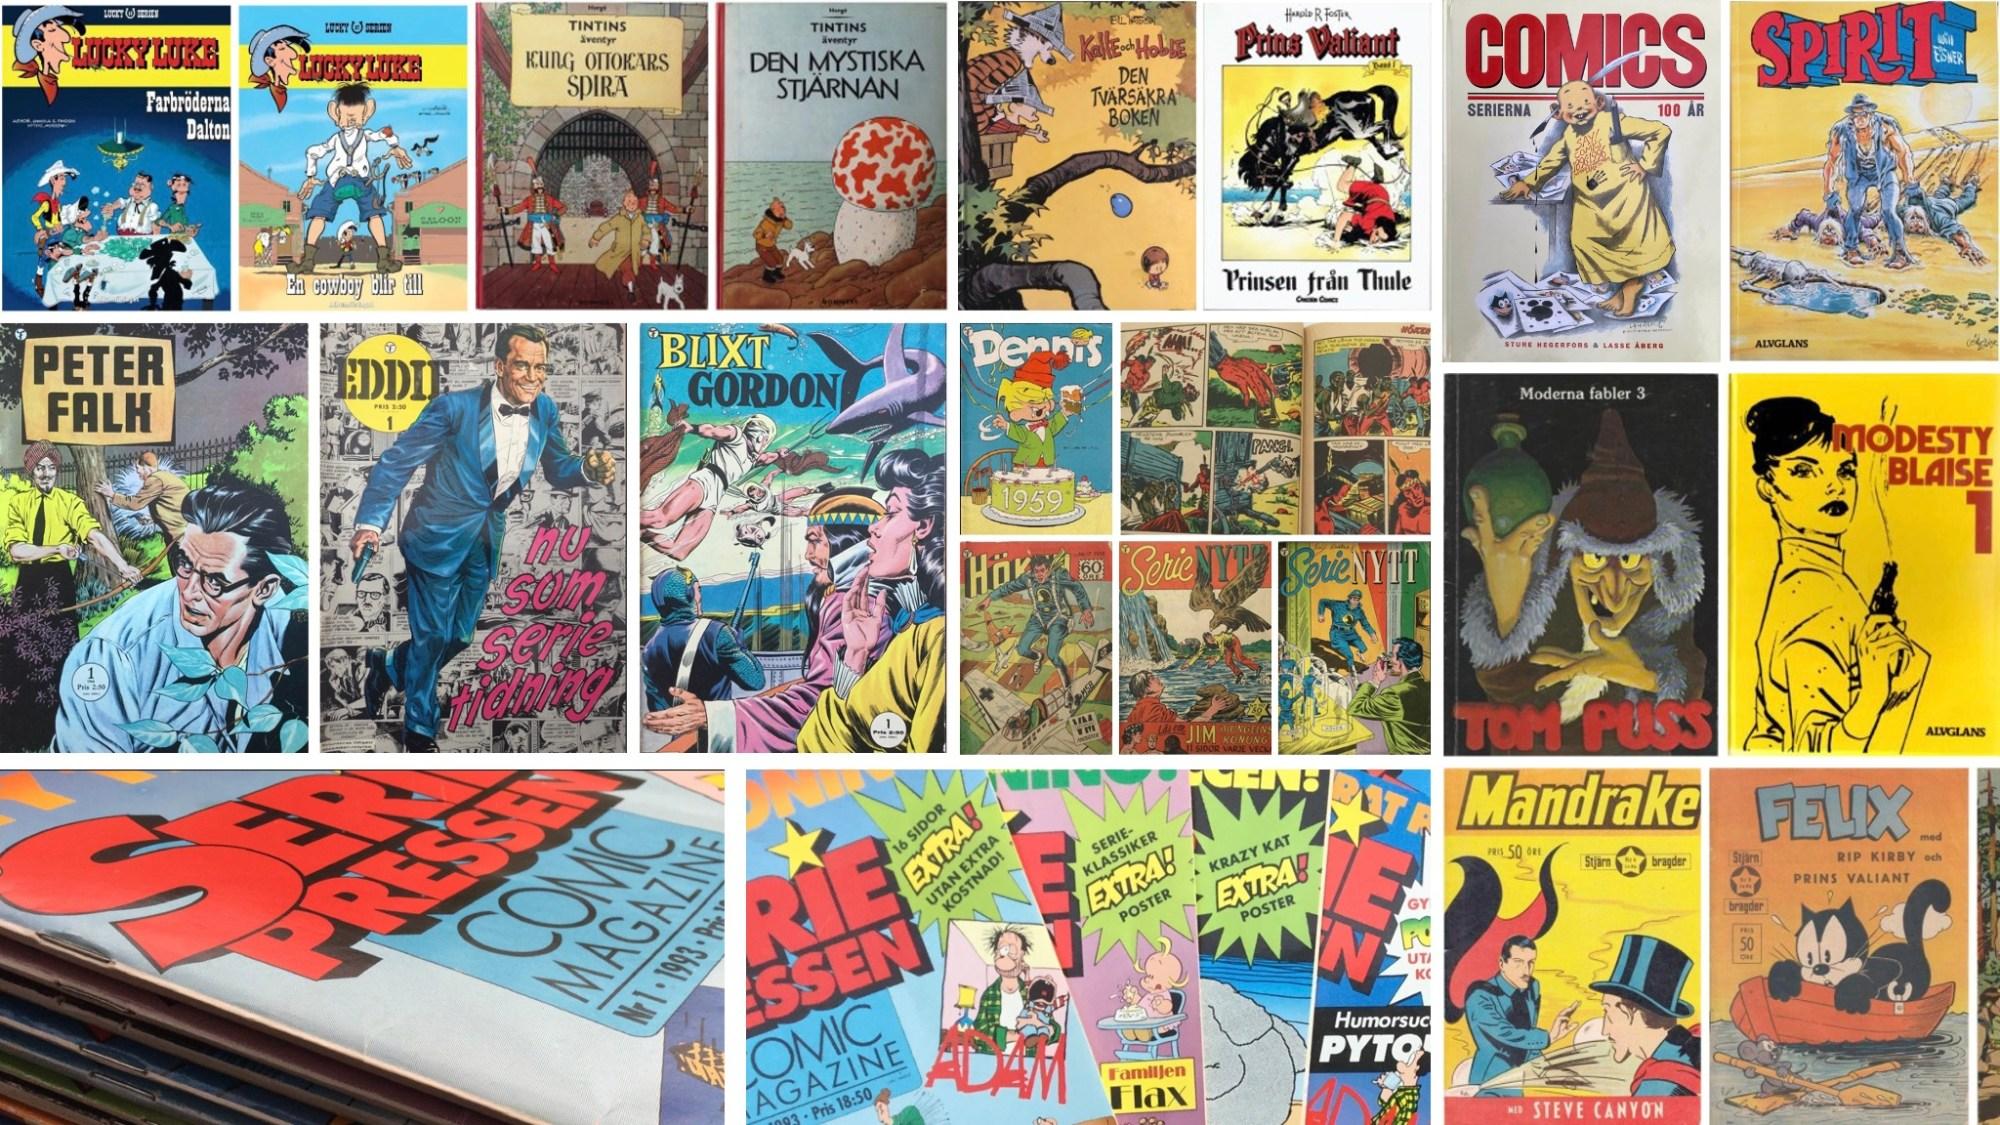 Förlag som är utgivare av serietidningar, seriealbum, serieantologier etc.